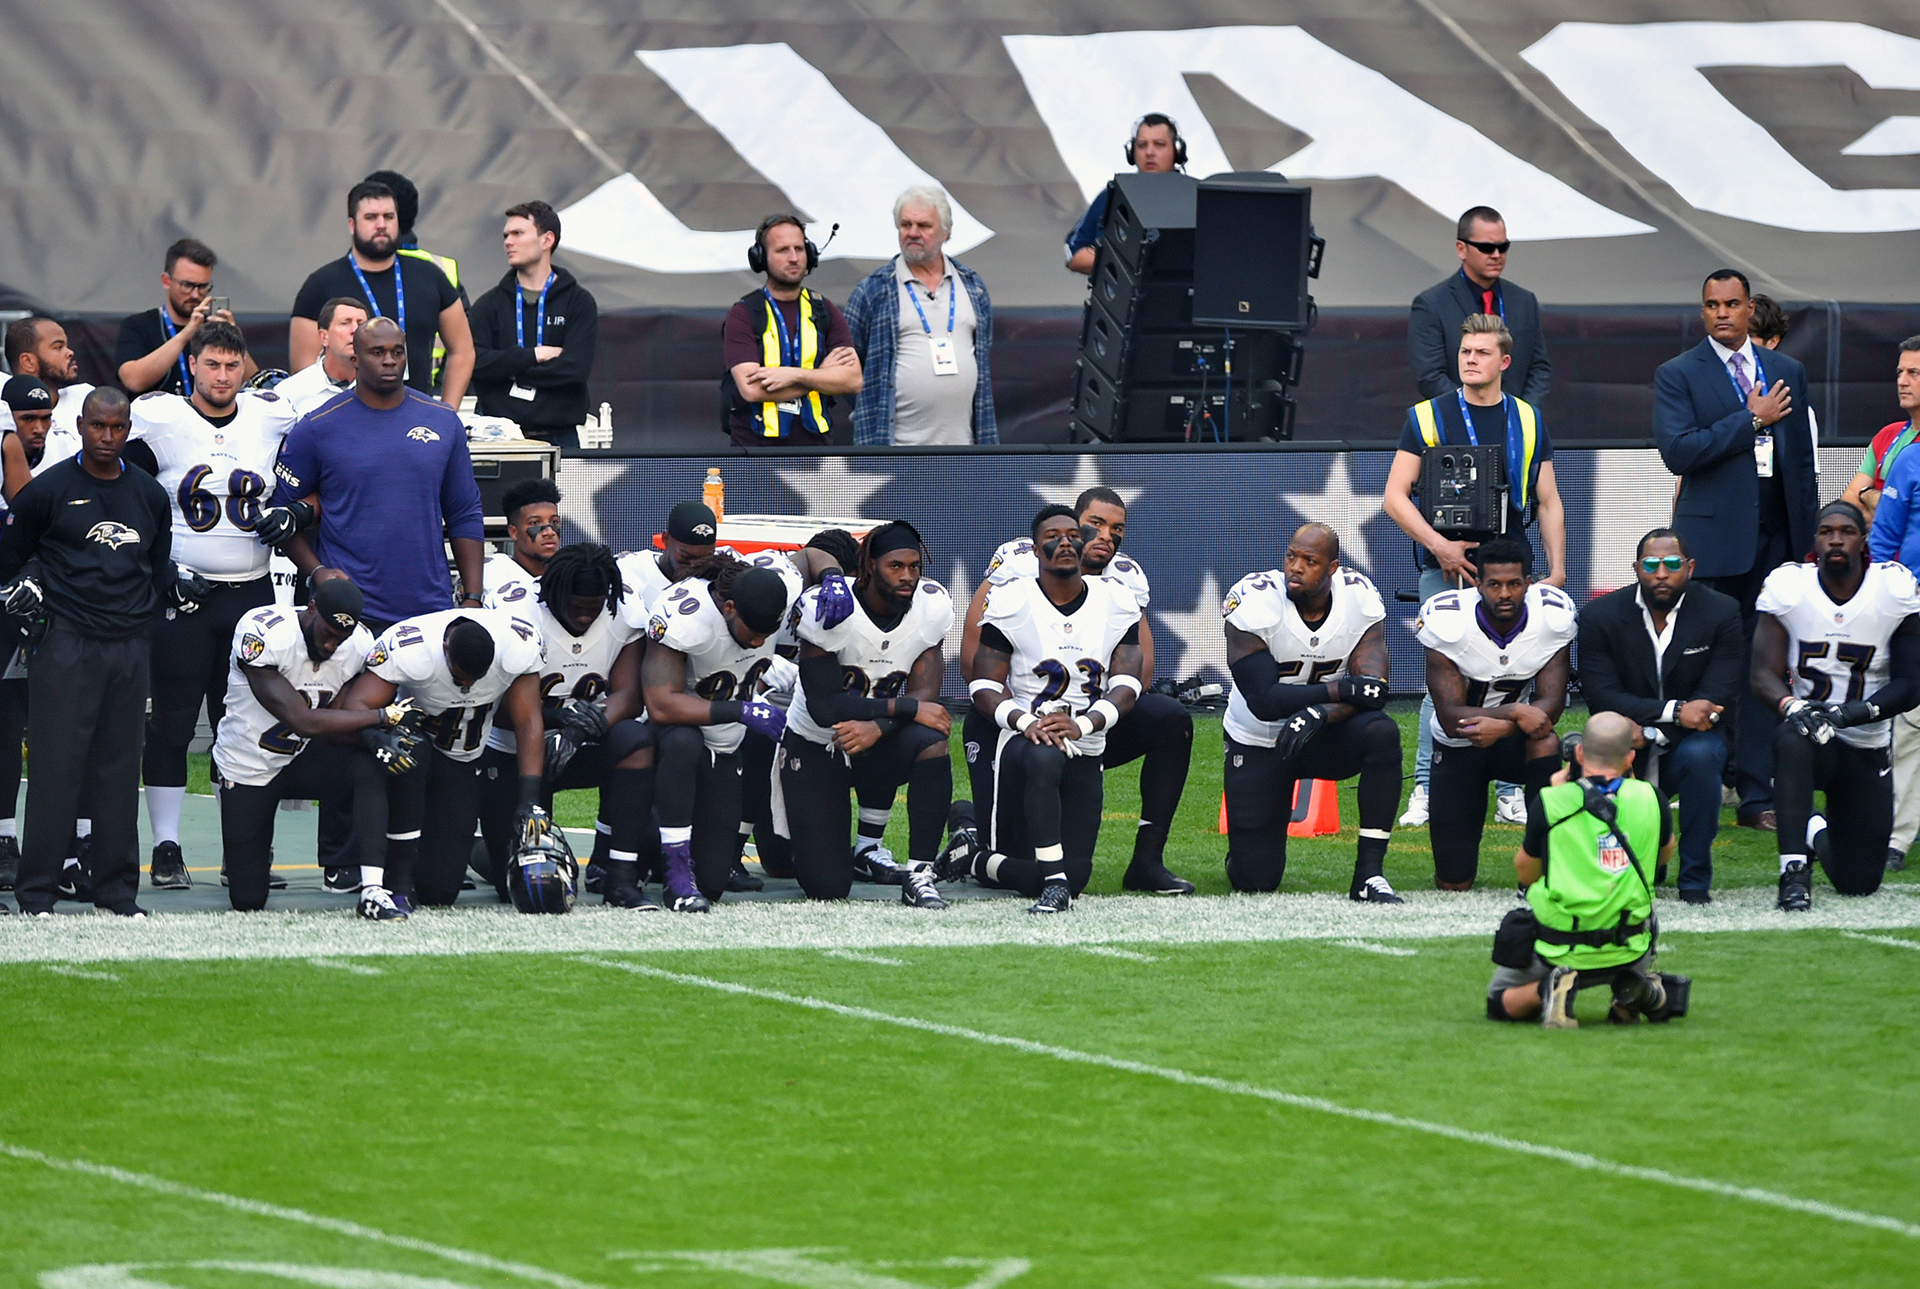 Wembley:Trece jugadores de Baltimore Ravens se arrodillan duranteel himno nacional de los Estados Unidos antes del partido contra los Jacksonville Jaguars